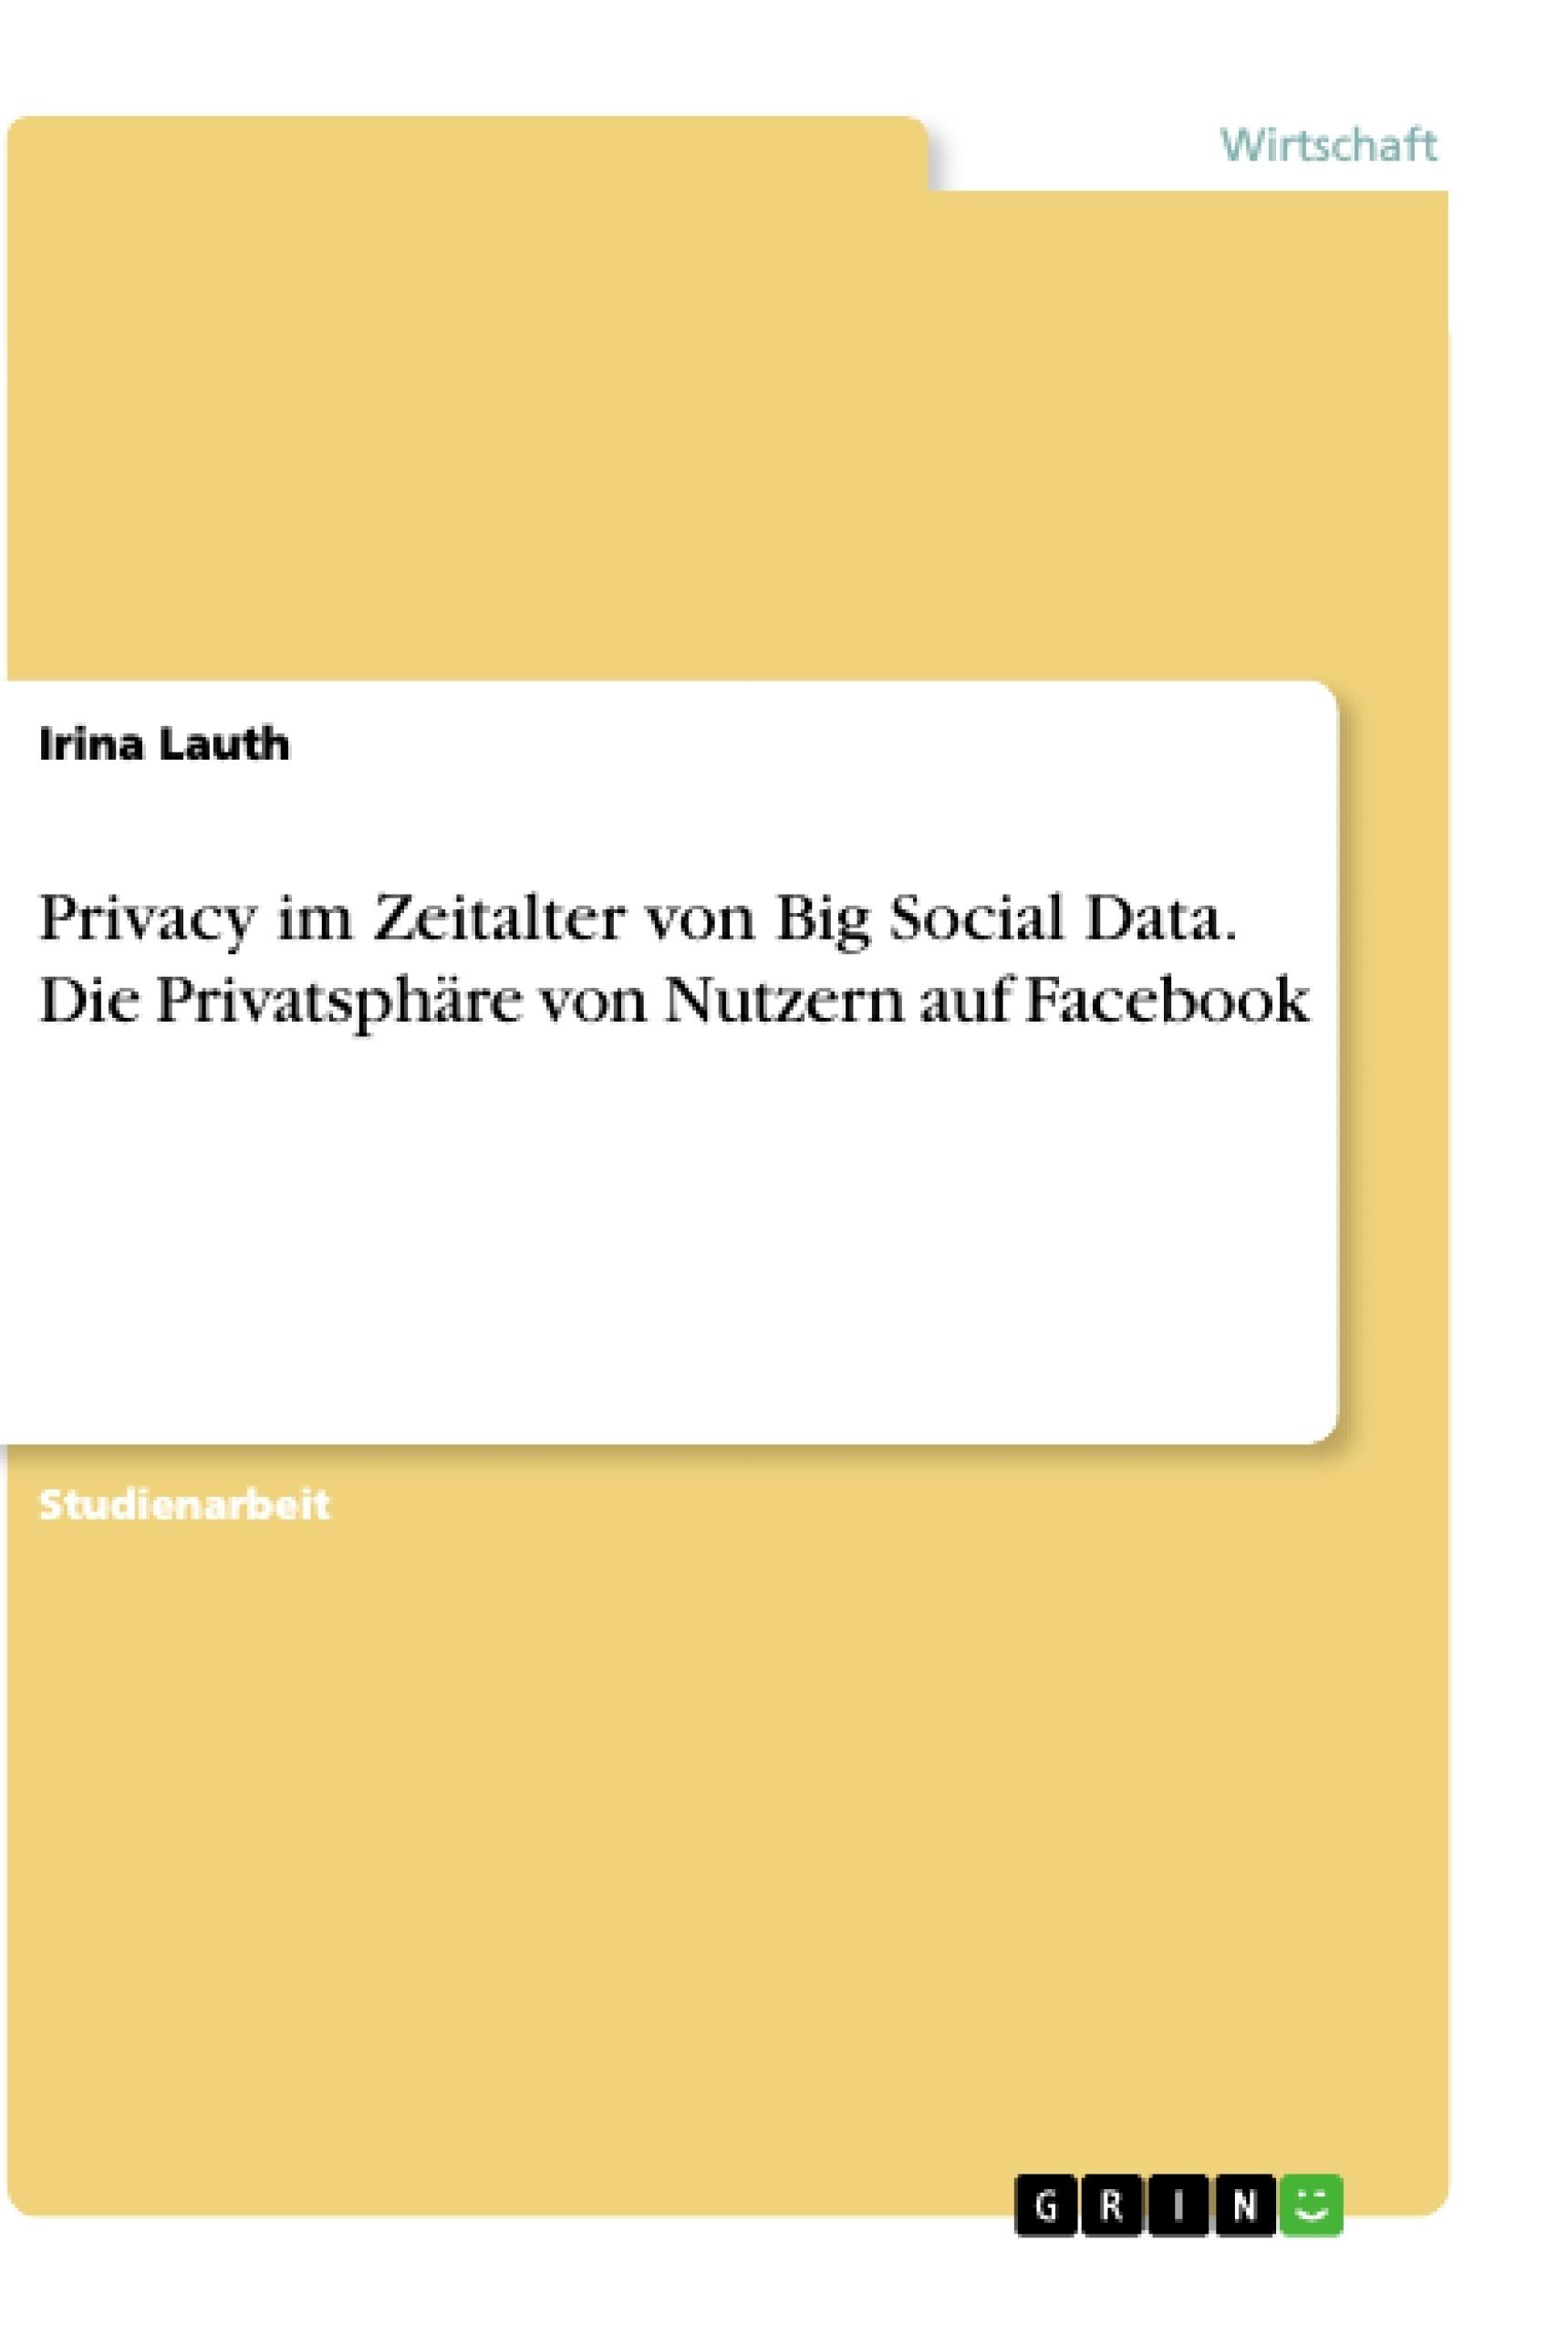 Titel: Privacy im Zeitalter von Big Social Data. Die Privatsphäre von Nutzern auf Facebook